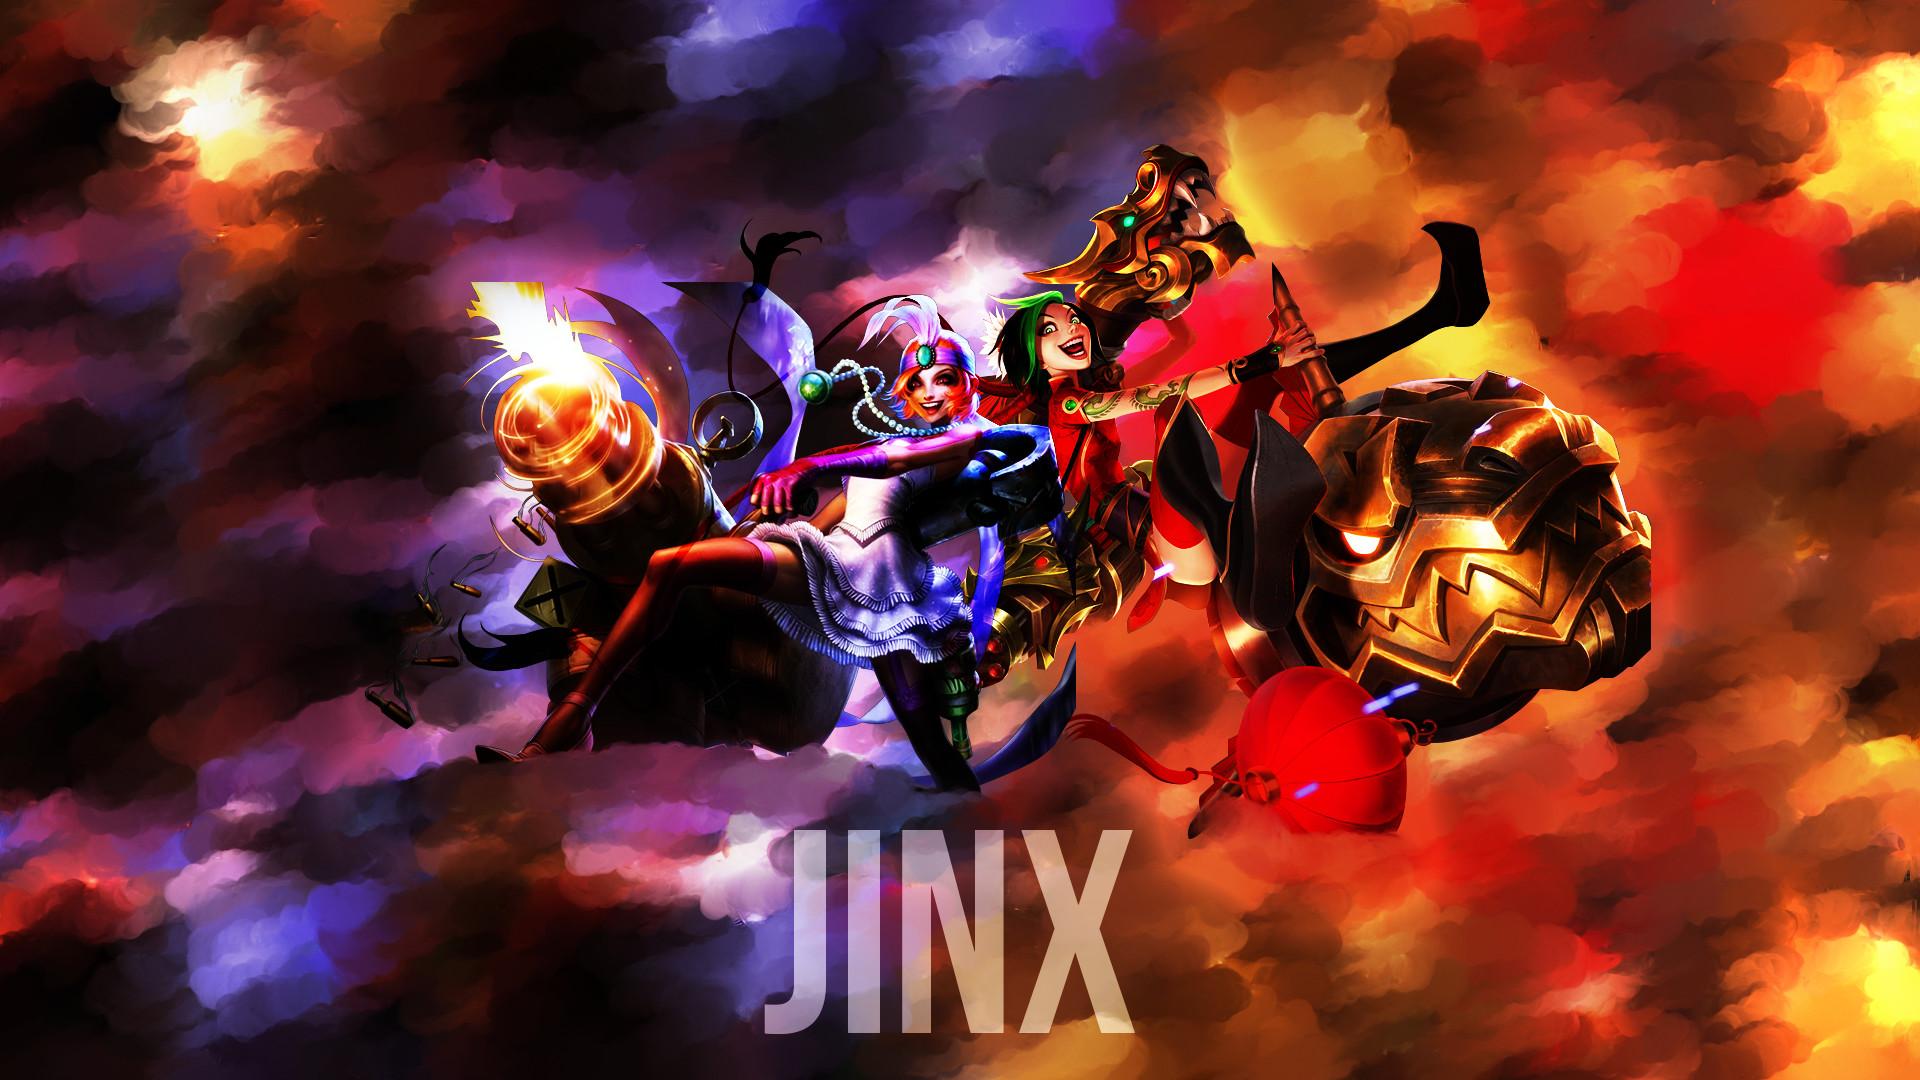 Res: 1920x1080, Firecracker Jinx League of